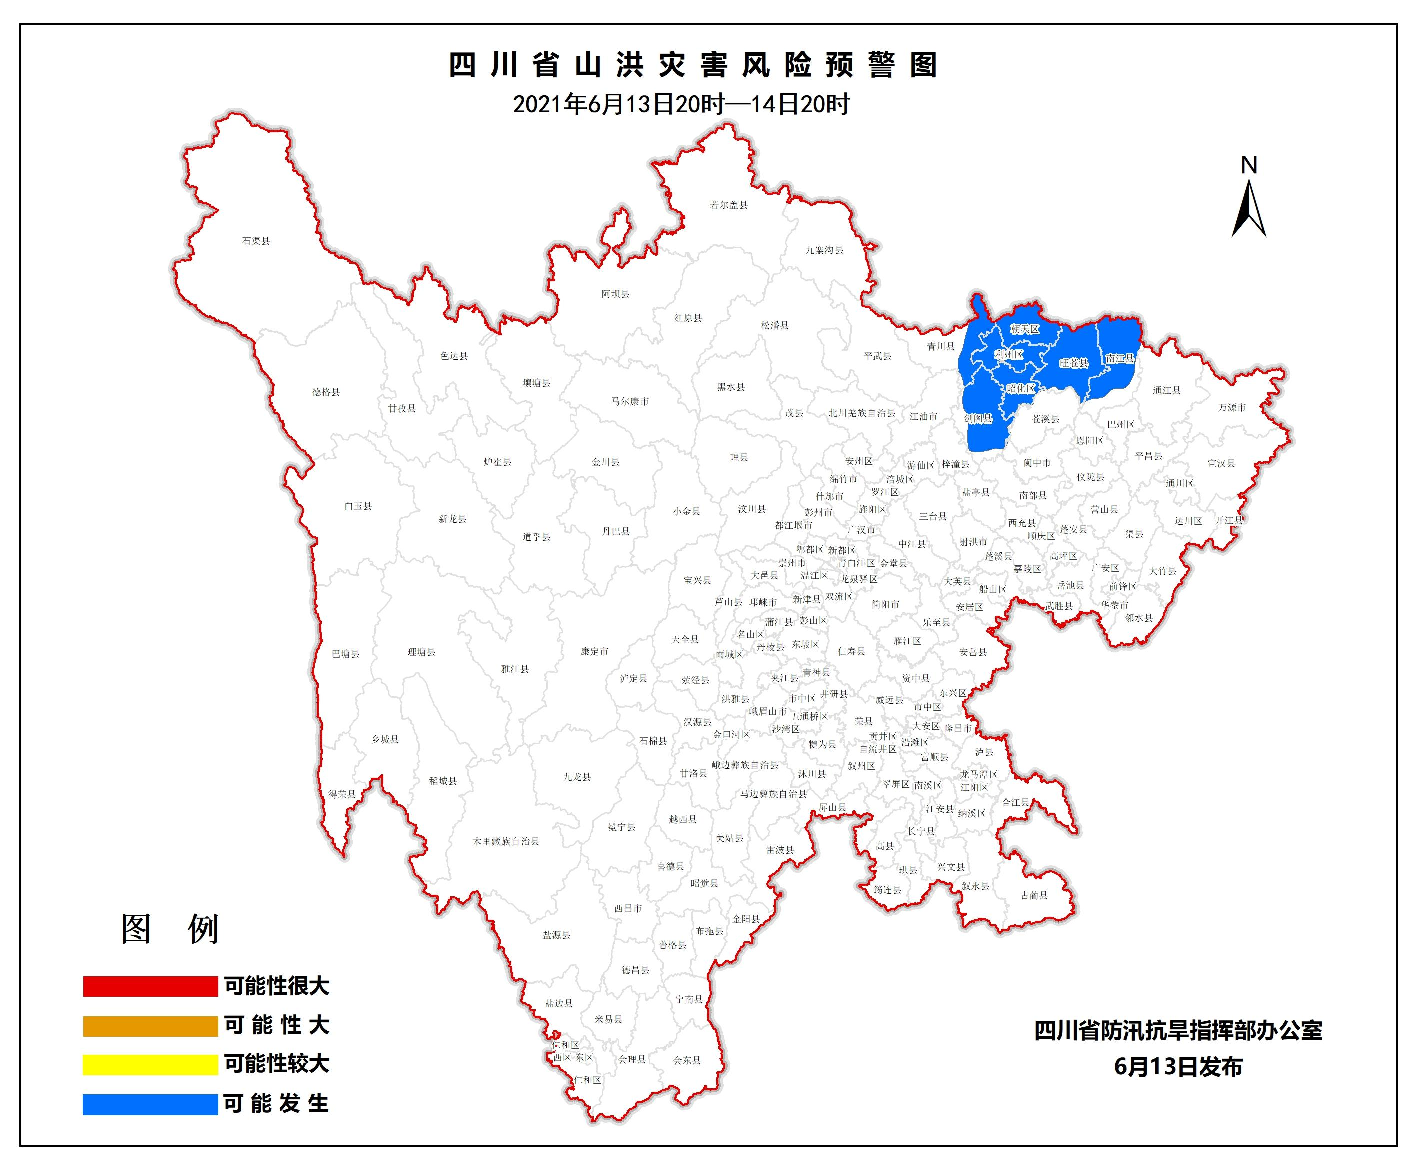 四川发布山洪灾害蓝色预警